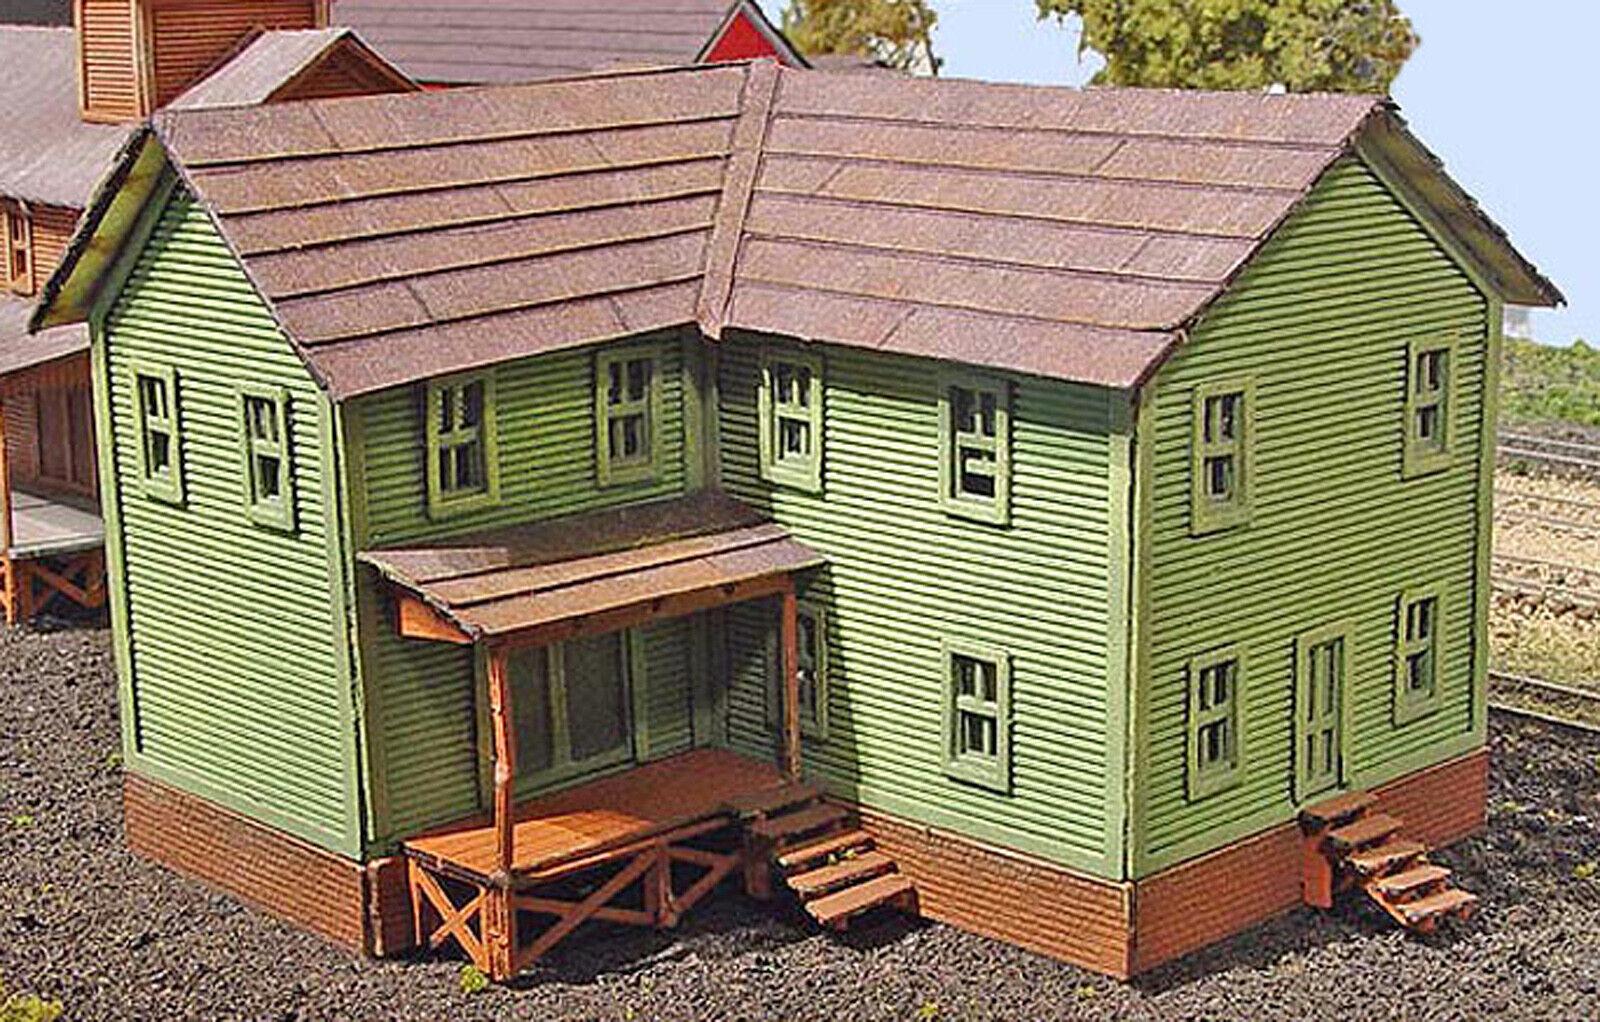 CALDWELL TOOL & DIE N Scale Model Railroad Structure Unpainted Laser Kit LA885